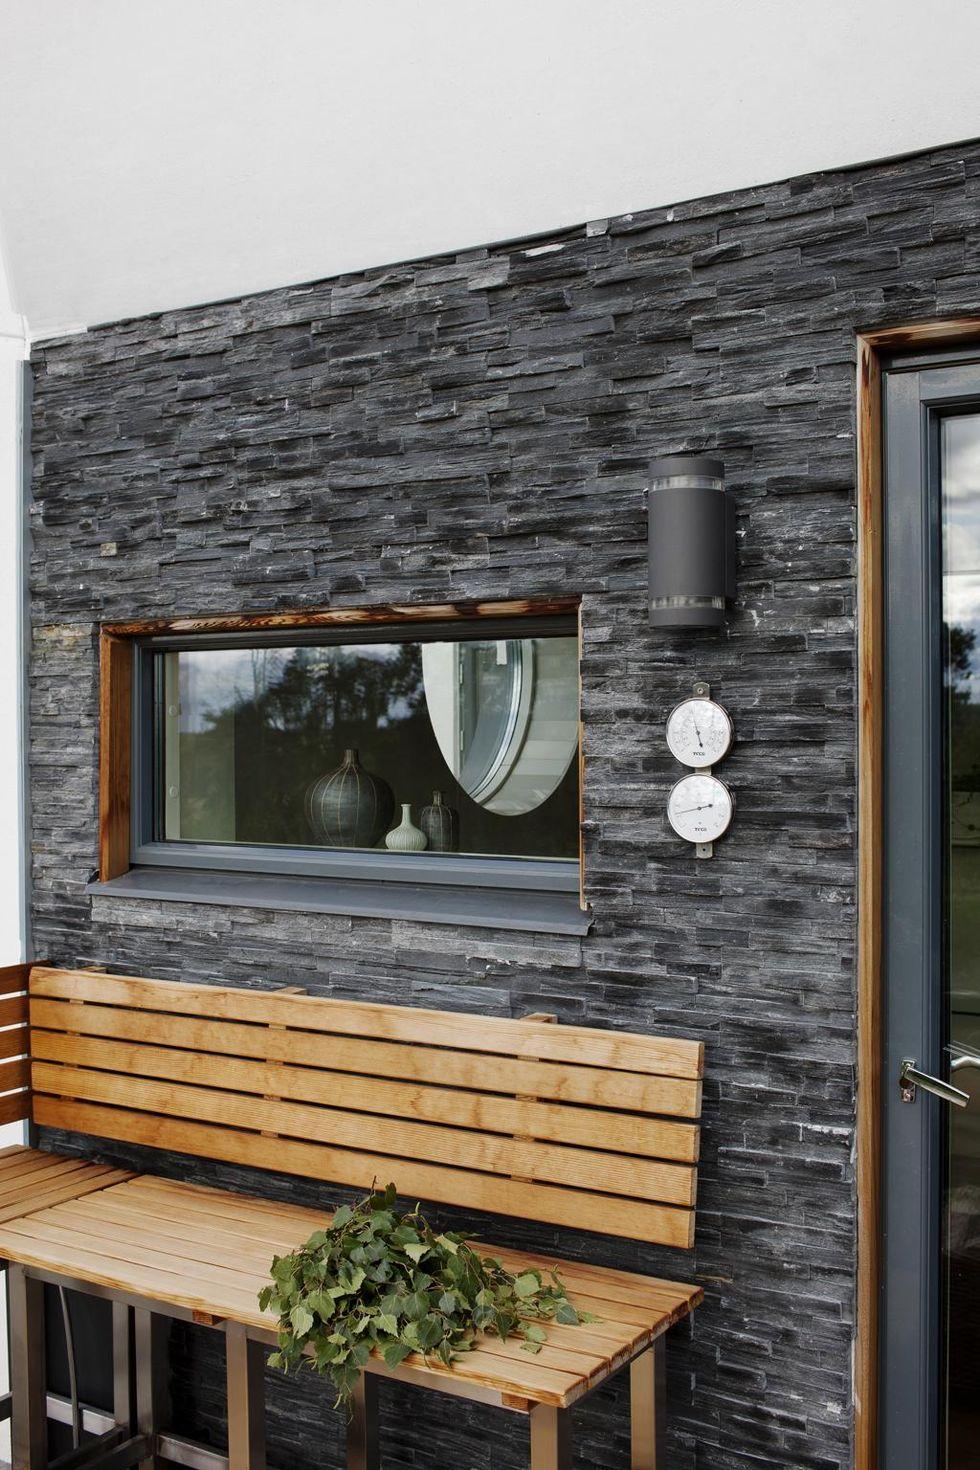 Inredning bygga utebastu : Utomhusspa med bastu av glas – Hus & Hem